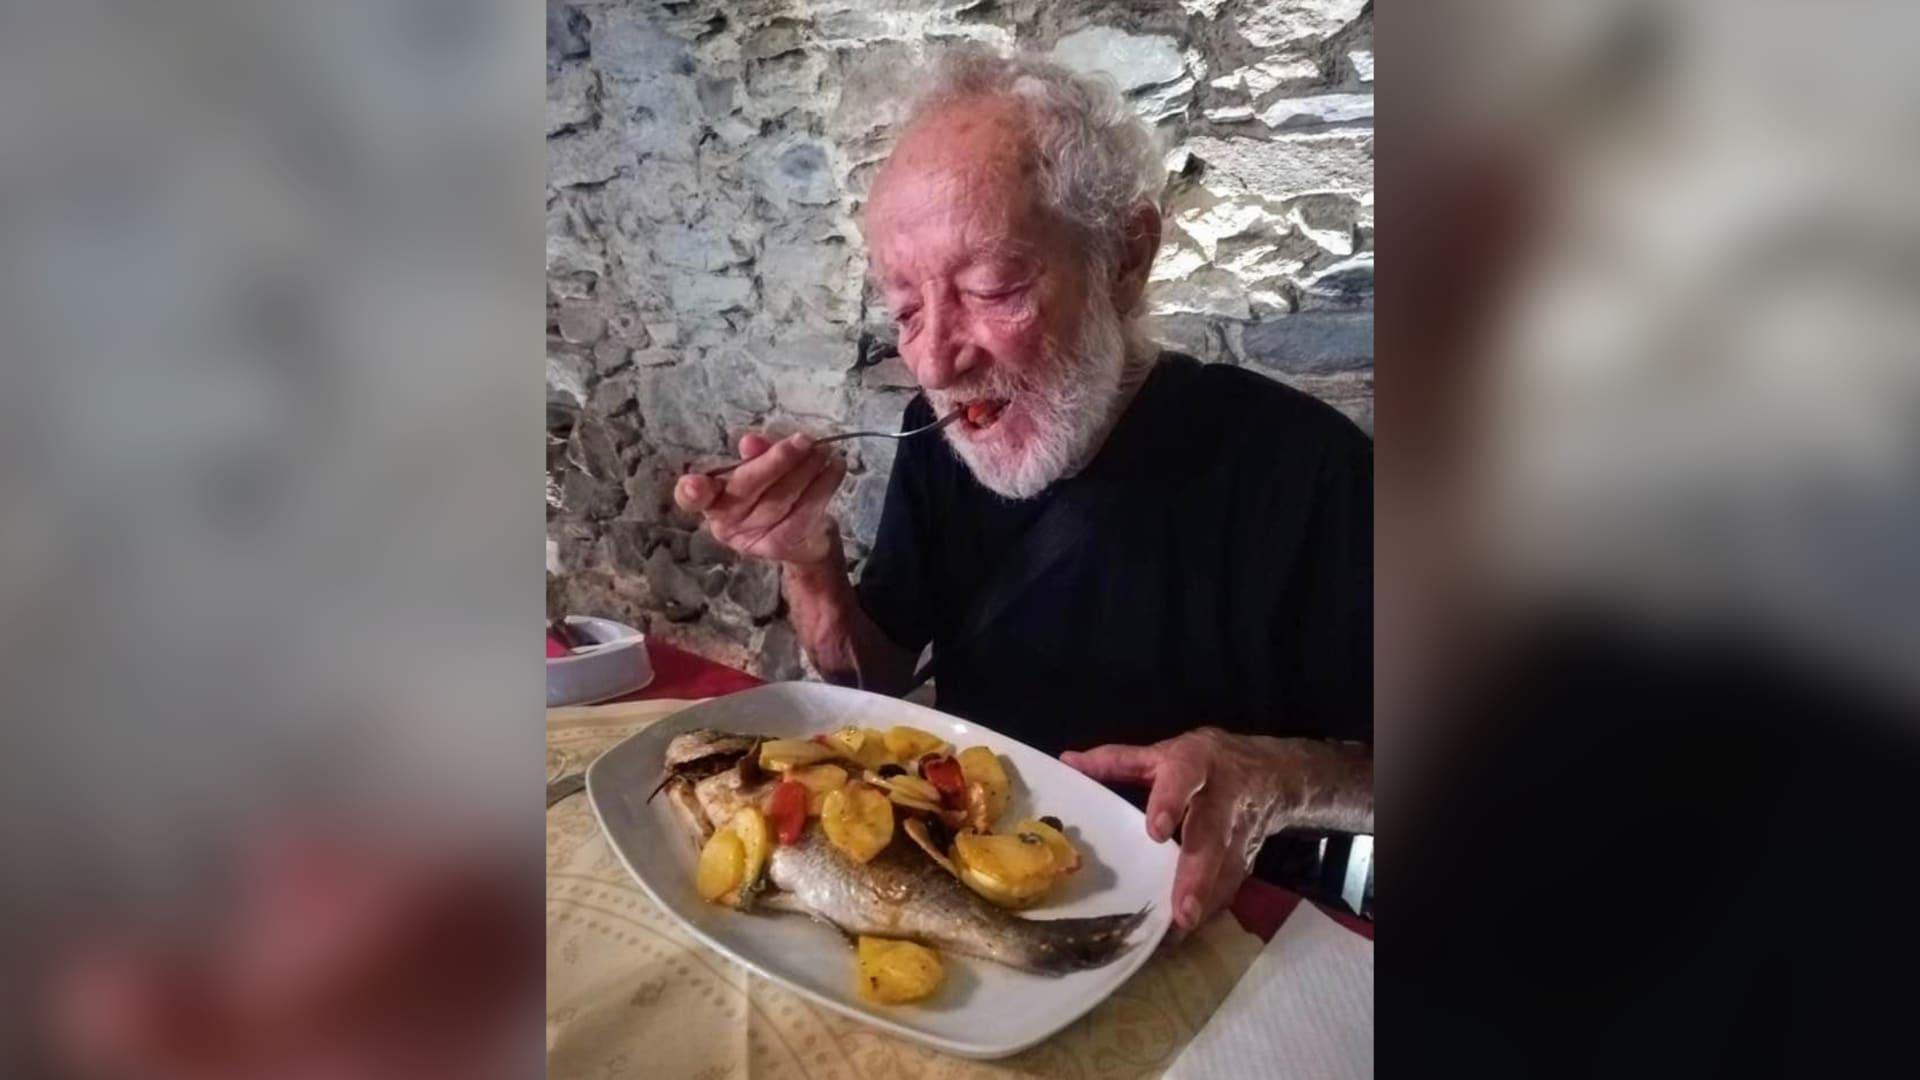 قصة ناسك ايطالي عزل نفسه لـ33 عامًا على جزيرة..هكذا التقى المدينة لأول مرة